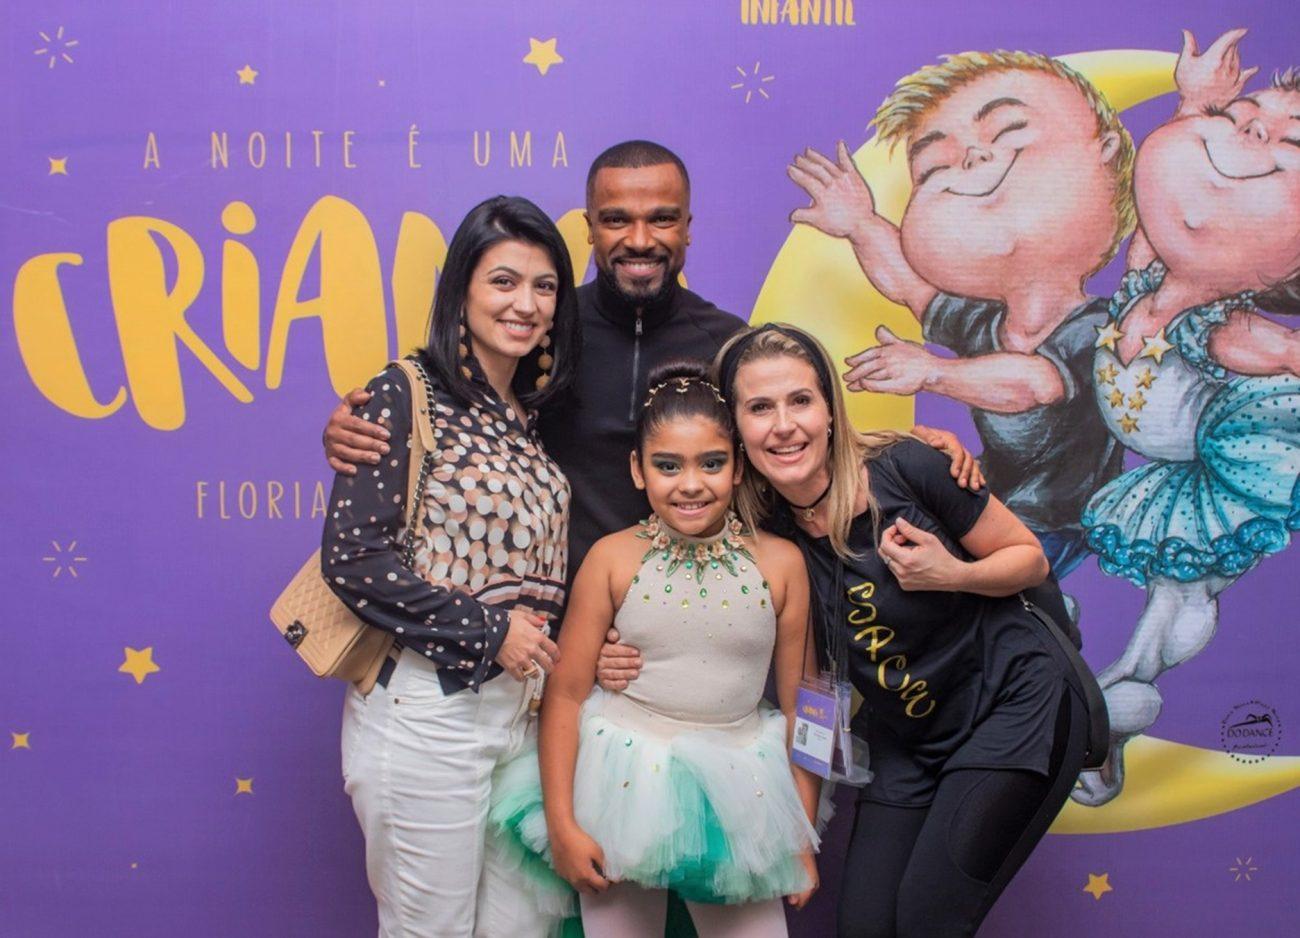 Alexandre Pires e a mulher Sara (à esq.) com a filha Julia e a professora de dança Helin Godoy - Patrik Vanin/Divulgação/ND